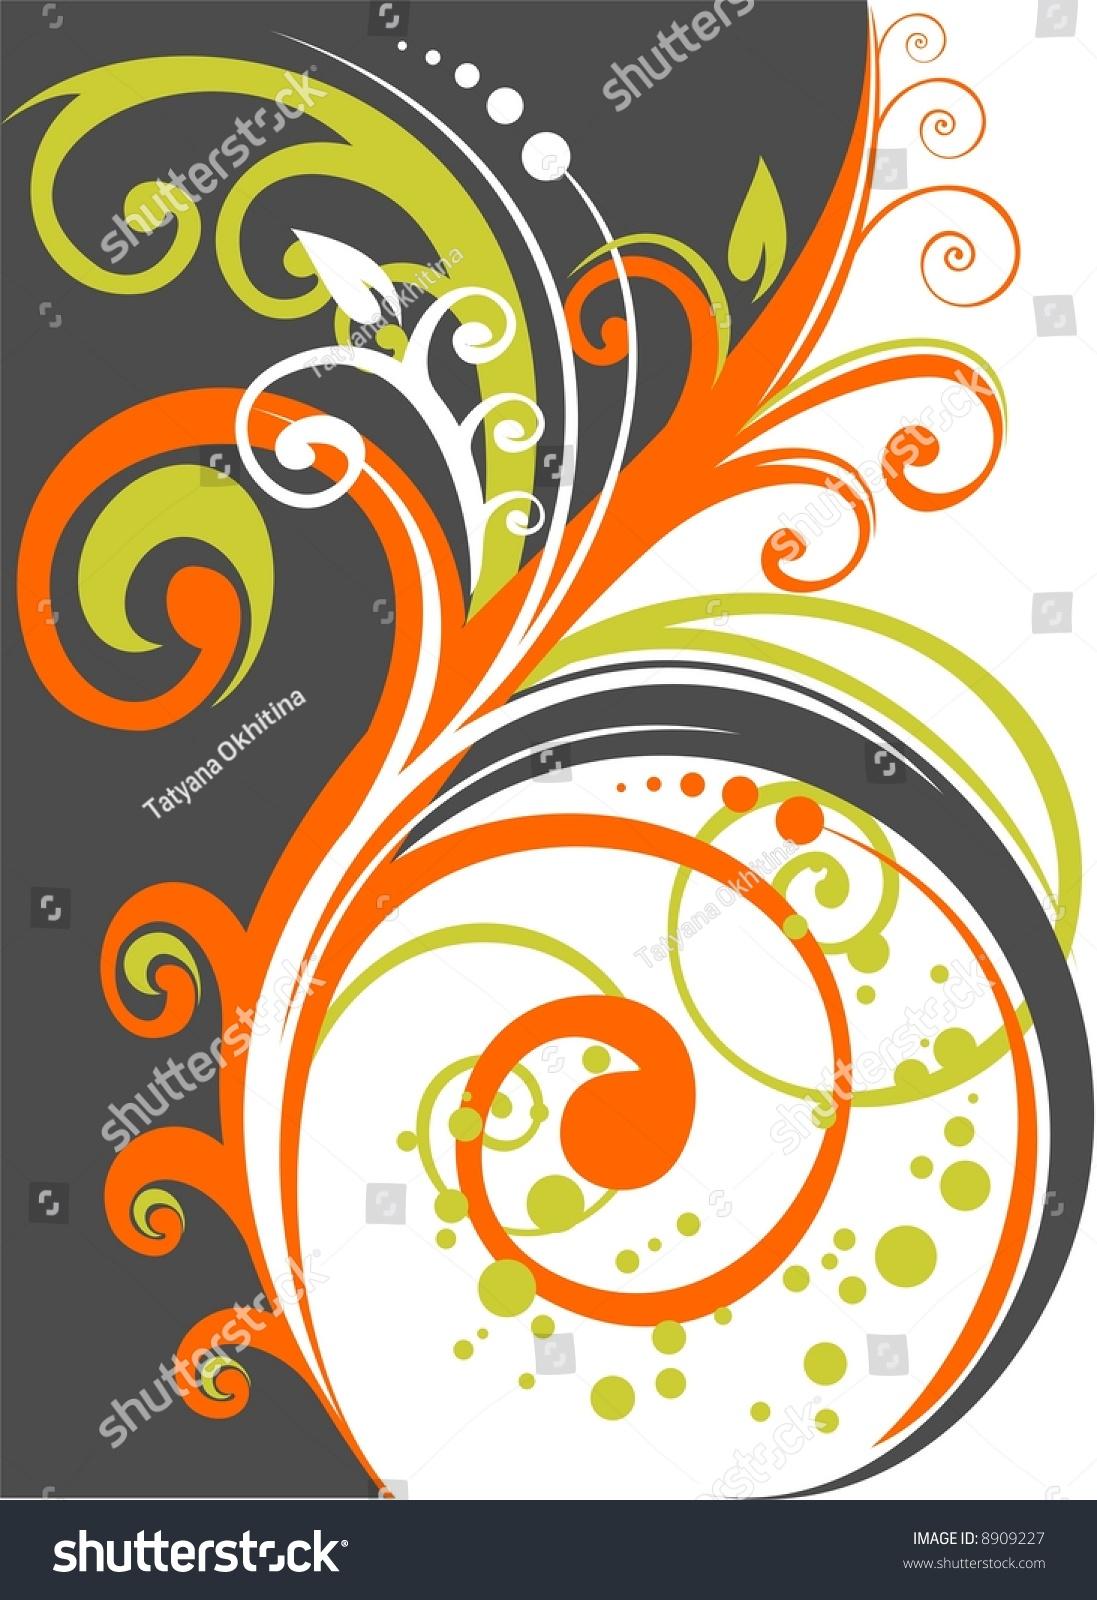 The Decorative Stylized Vegetative Pattern On A White Background. Stock Photo 8909227 : Shutterstock